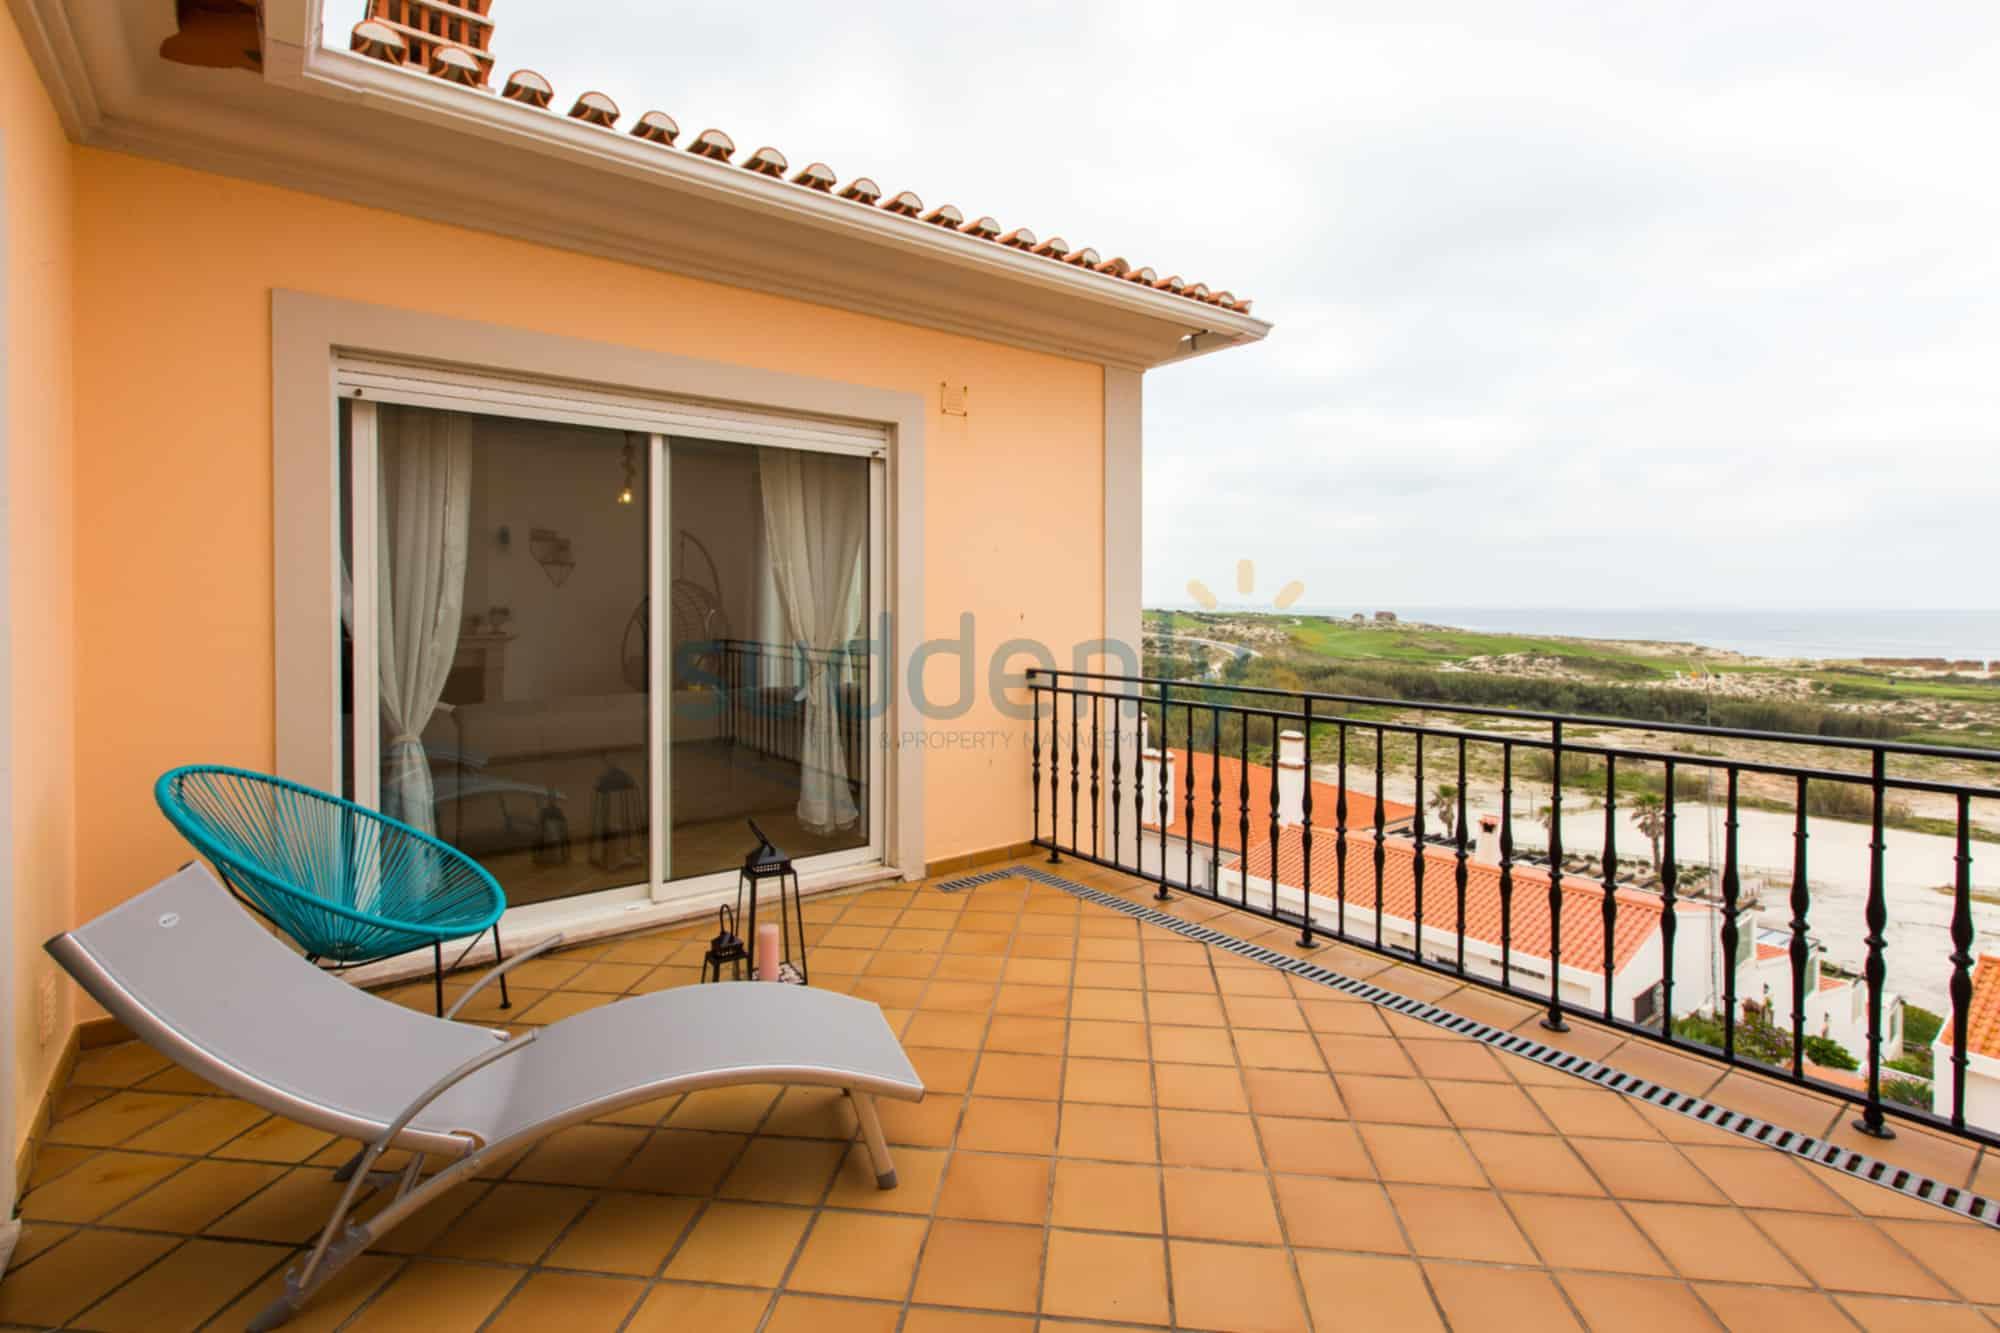 Holiday Rentals in Praia D'El Rey 310